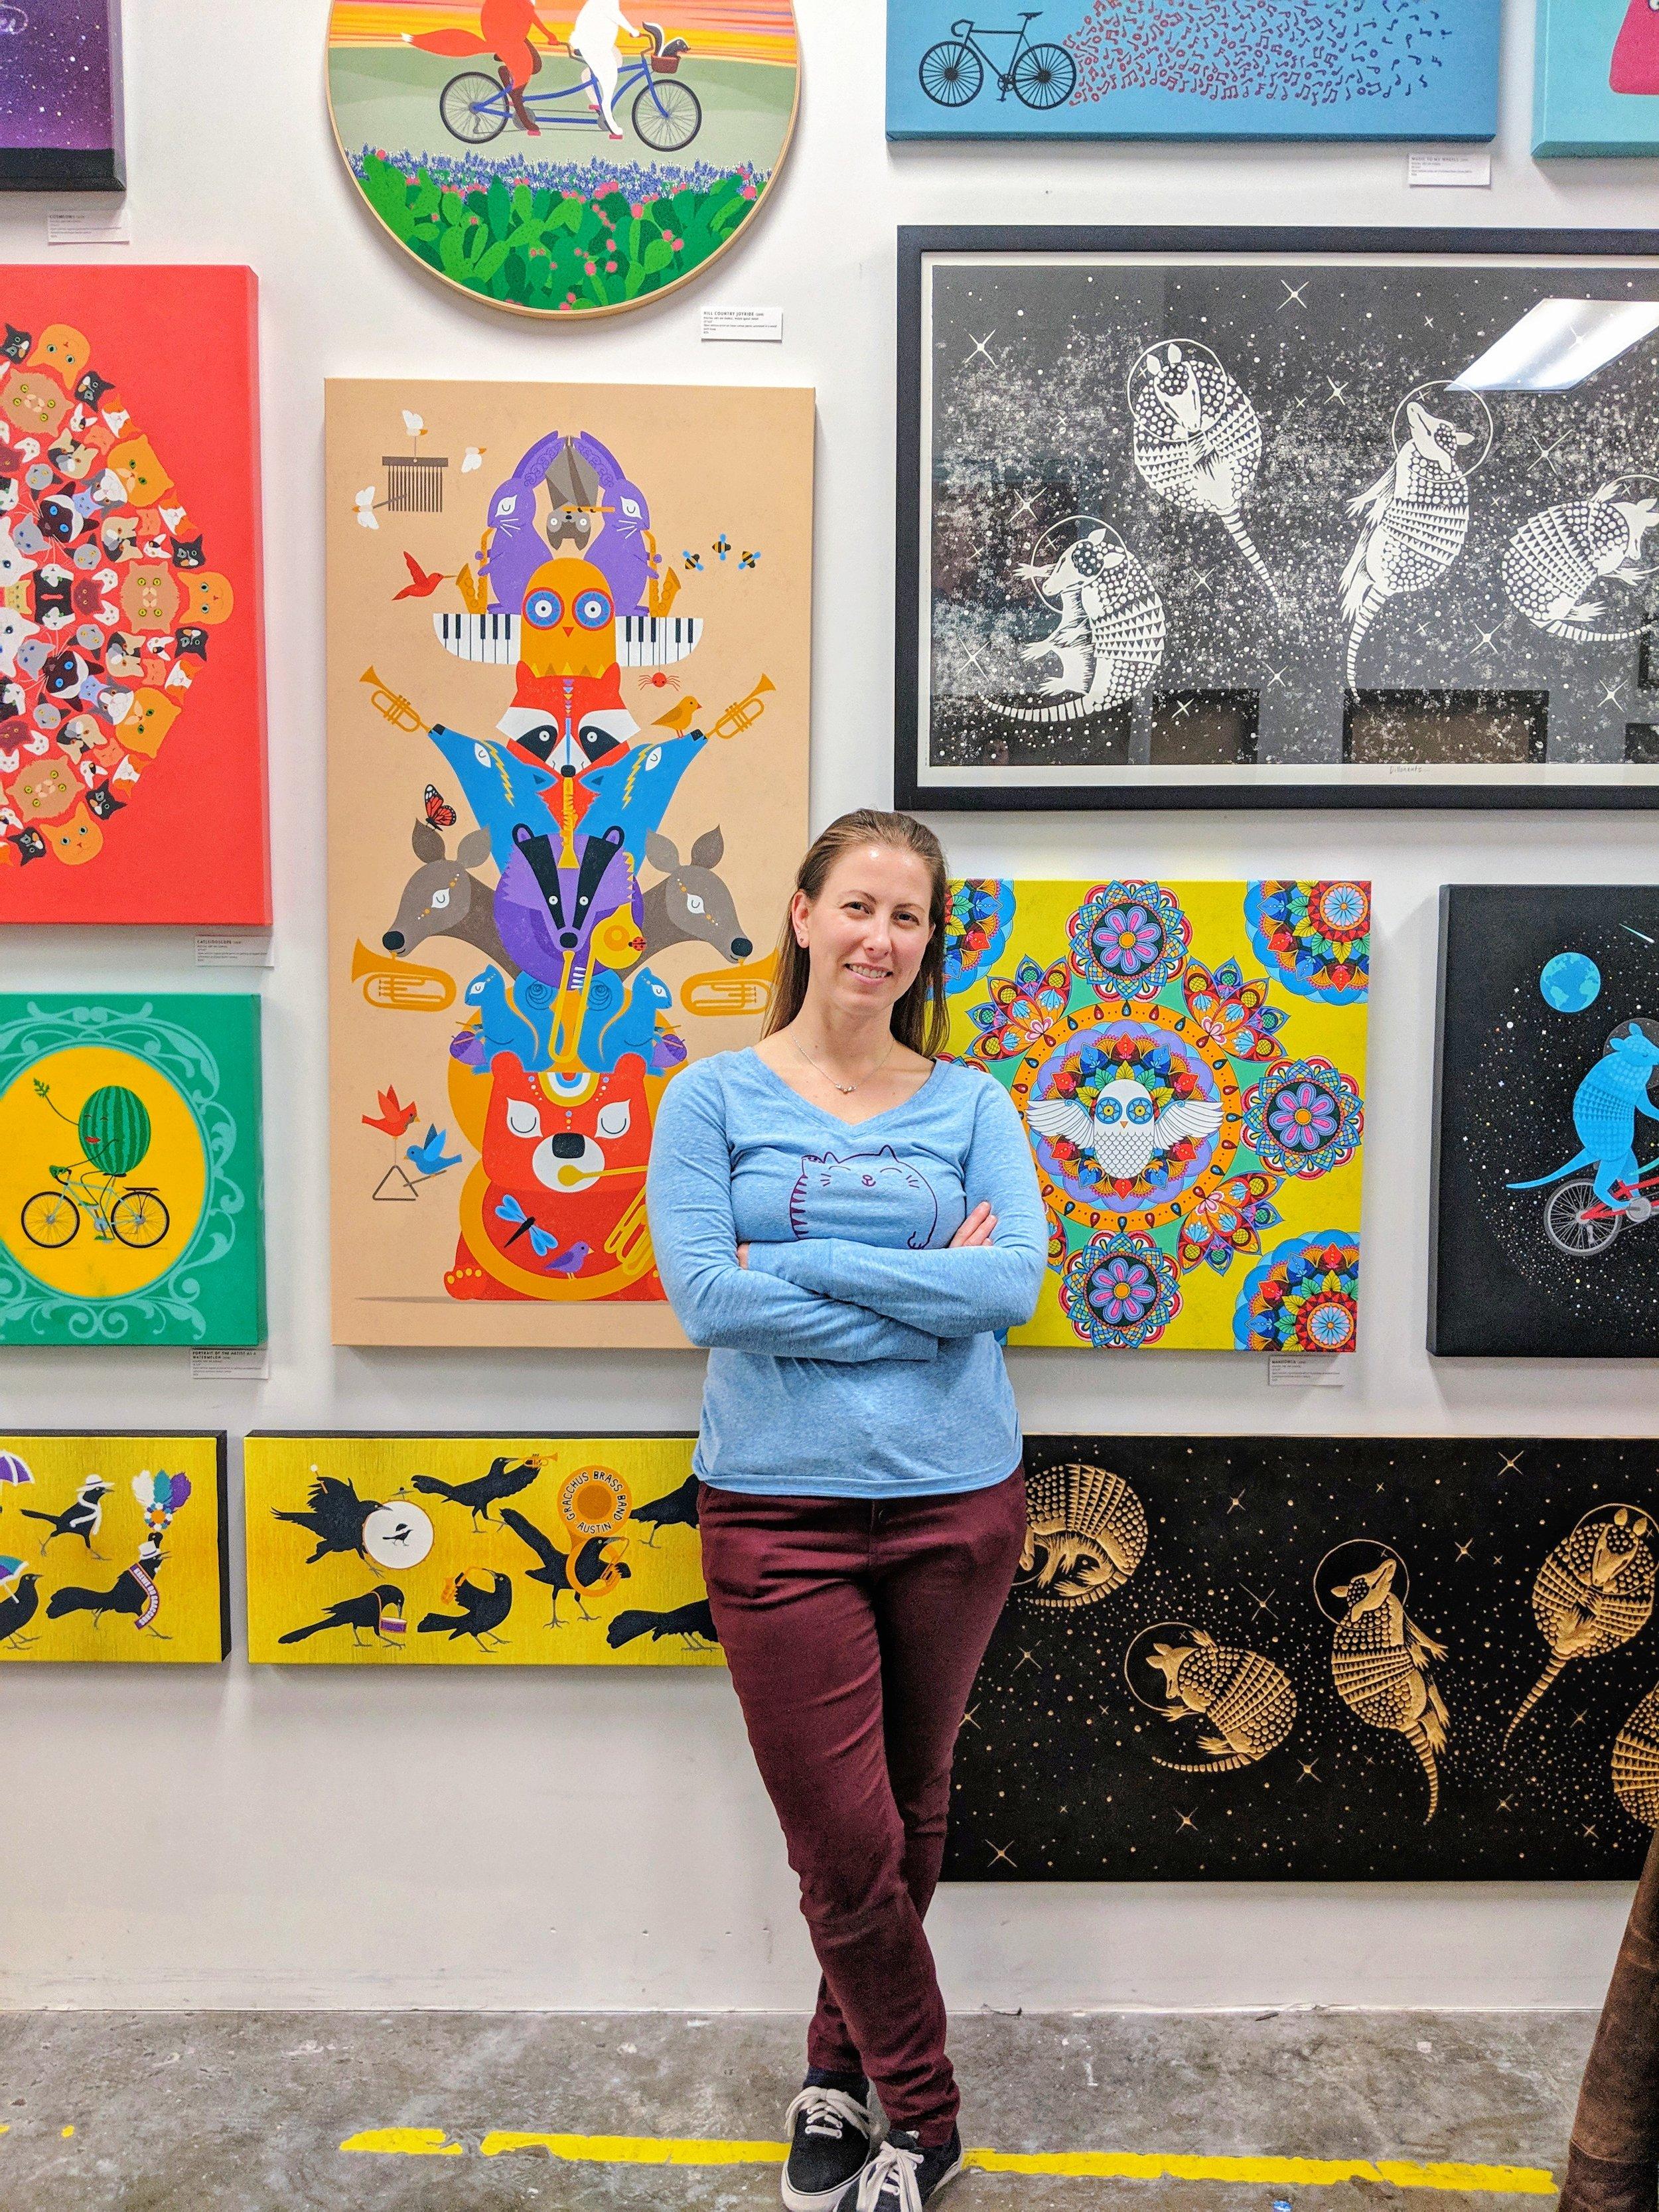 Kara Fuhlbrugge at EAST 2018